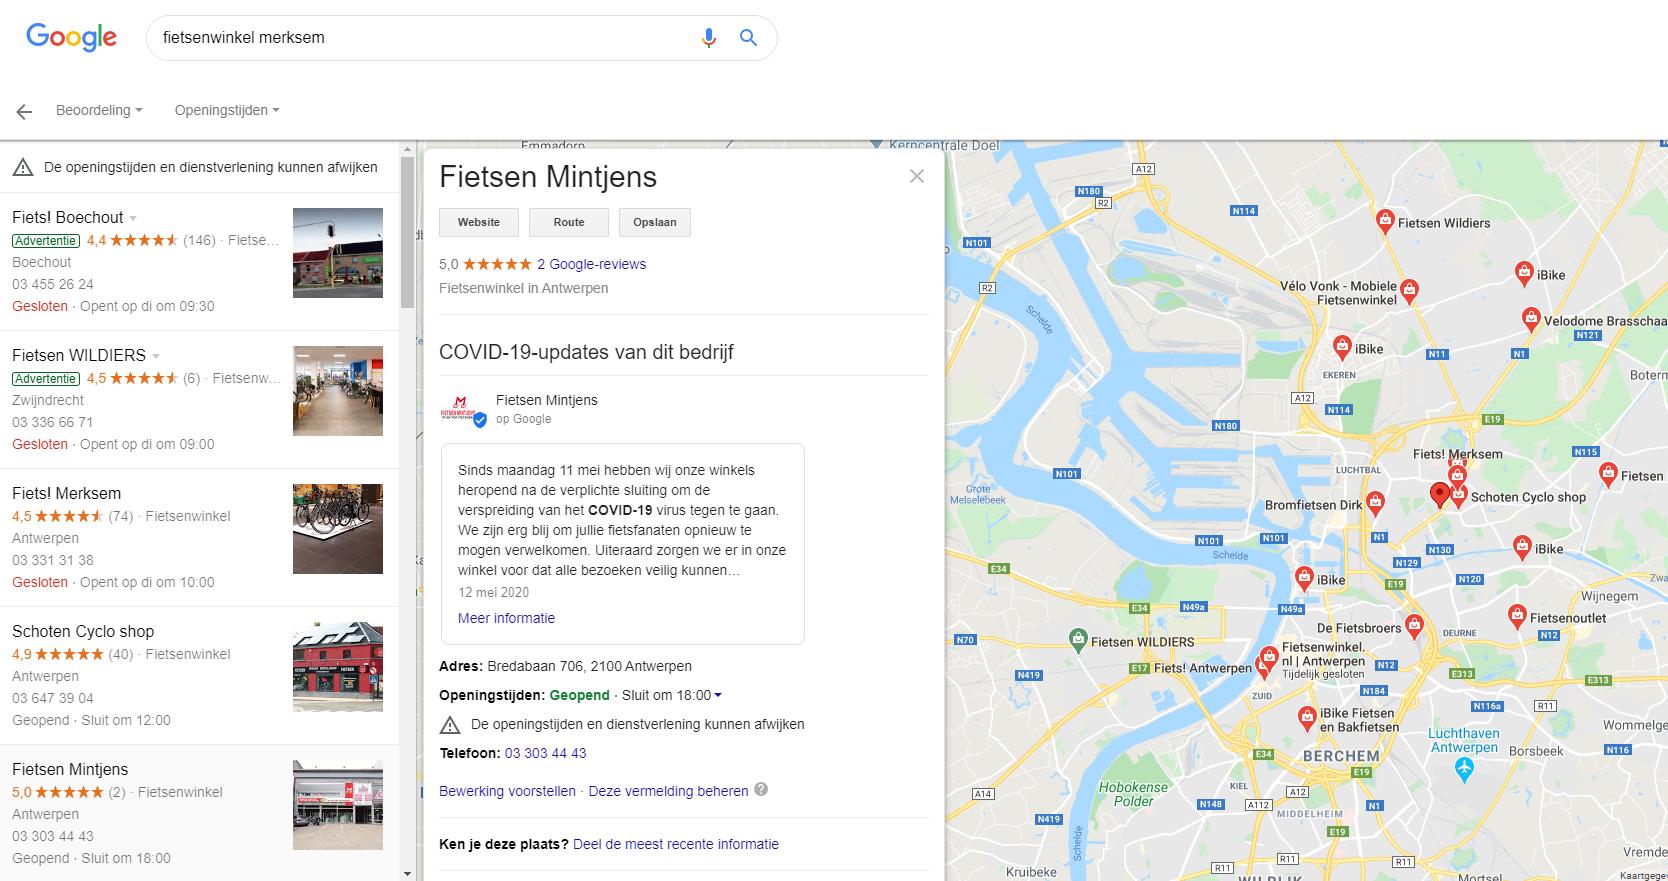 Google maps voorbeeld Google Mijn Bedrijf